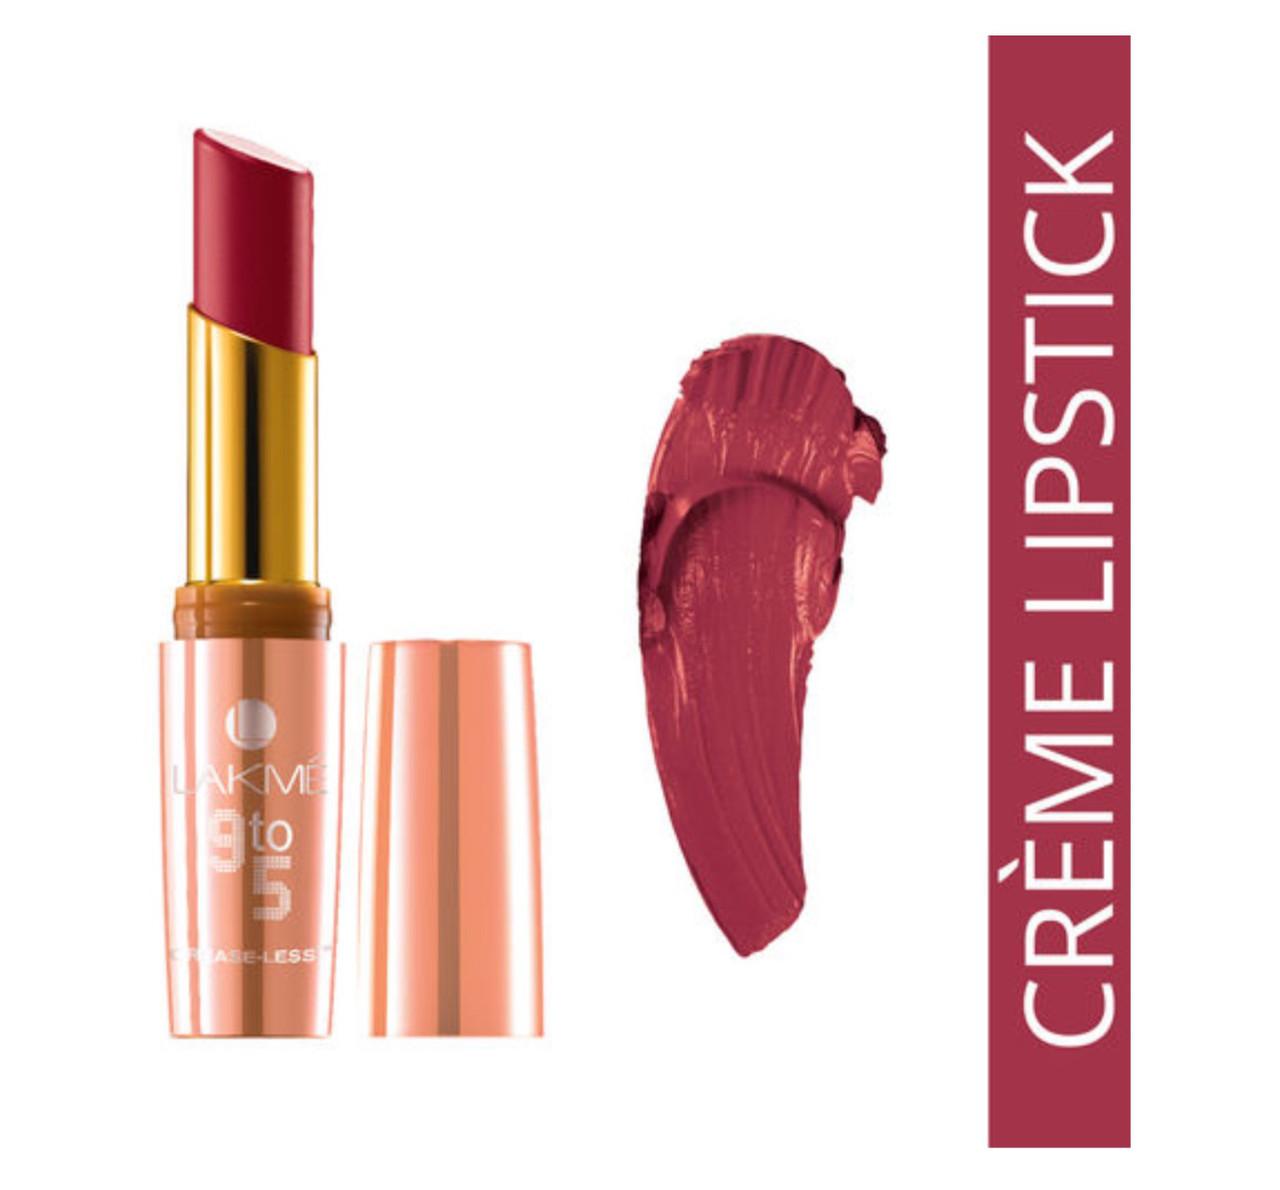 Кремовая помада для губ 9 to 5 Creaseless Creme Lip Color - CP 10 Wine Order, 3.6 г